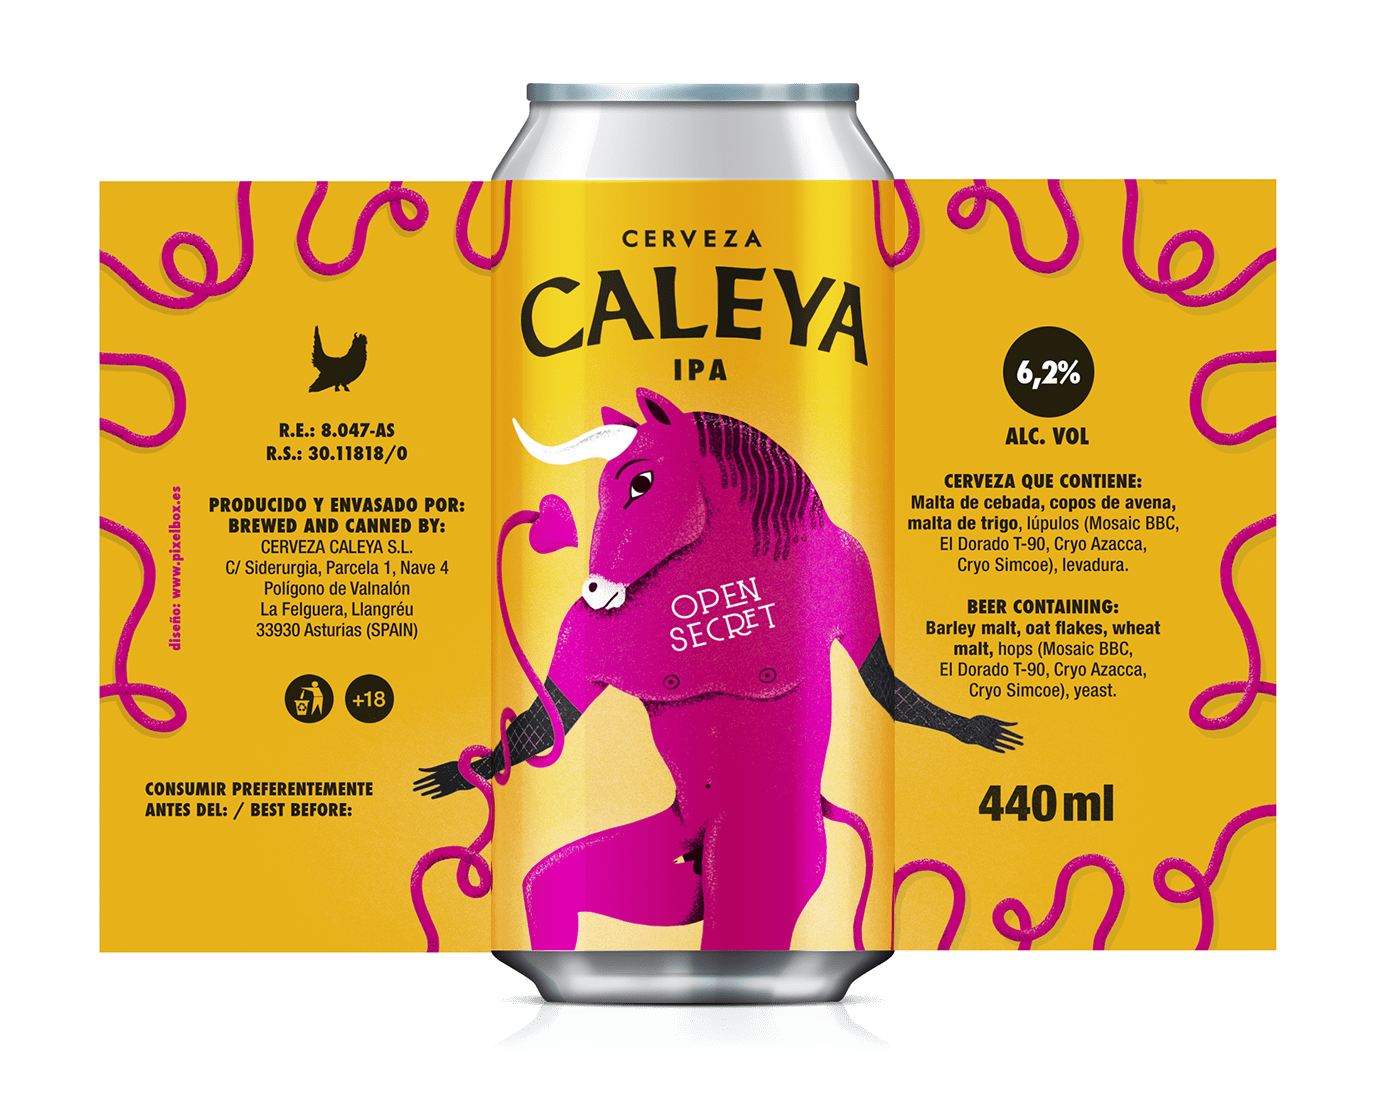 beer beer can Beer Packaging branding  brewery cerveza craft beer identity ILLUSTRATION  Packaging